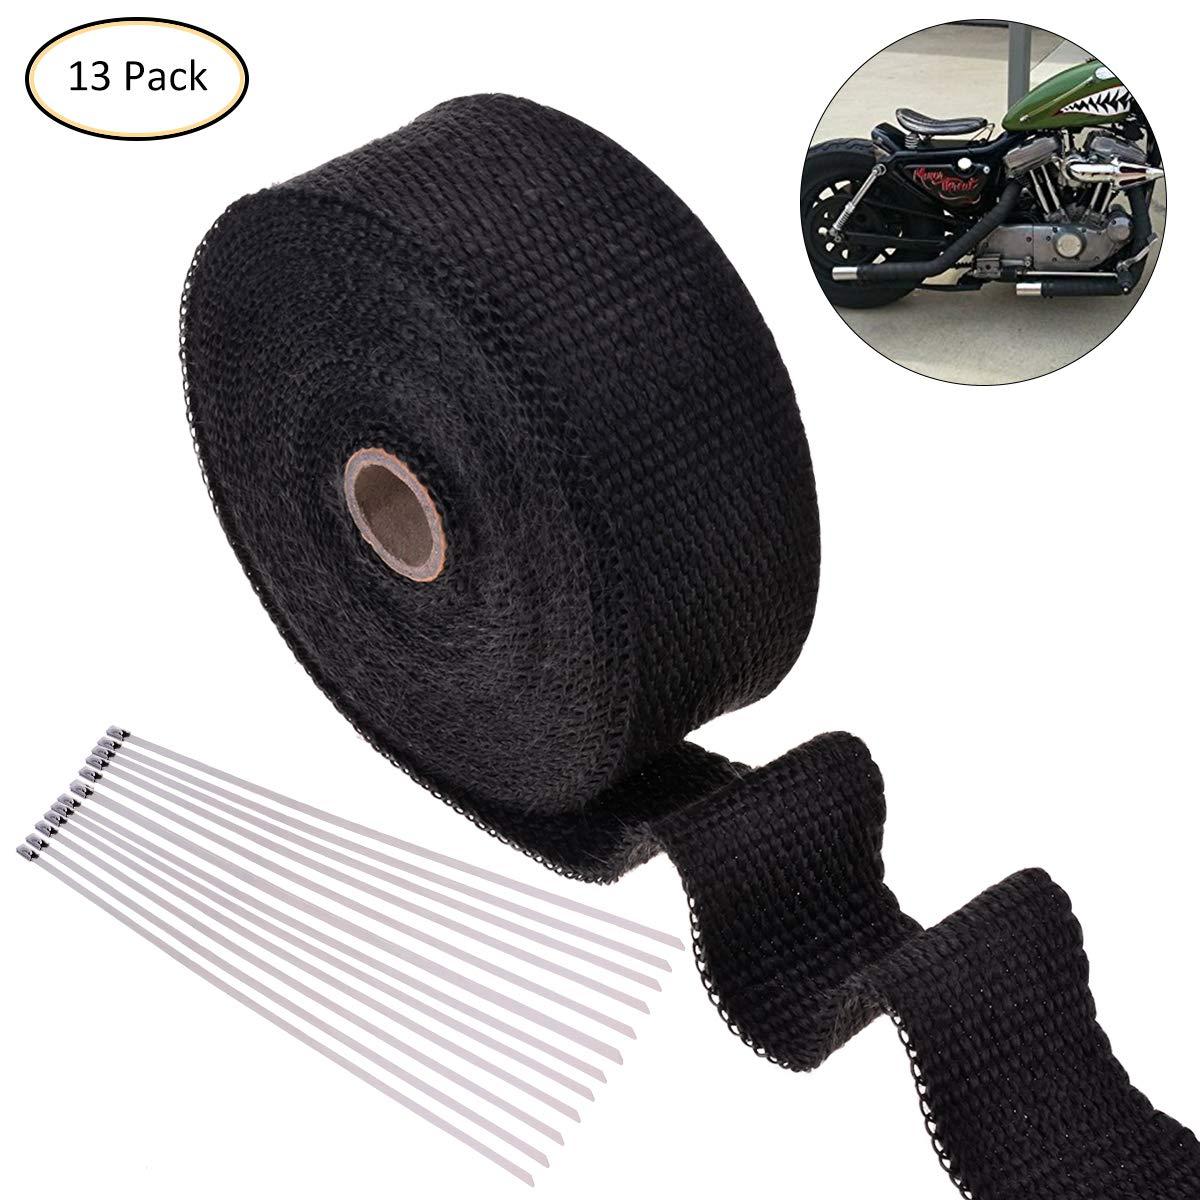 OZUAR 10M Cinta Anticalorica Rollo + 12x Inoxidable Cable Lazos para Escape de Coche y Motocicleta Sistemas De Escape WTDYX20180504001-525-1538027941